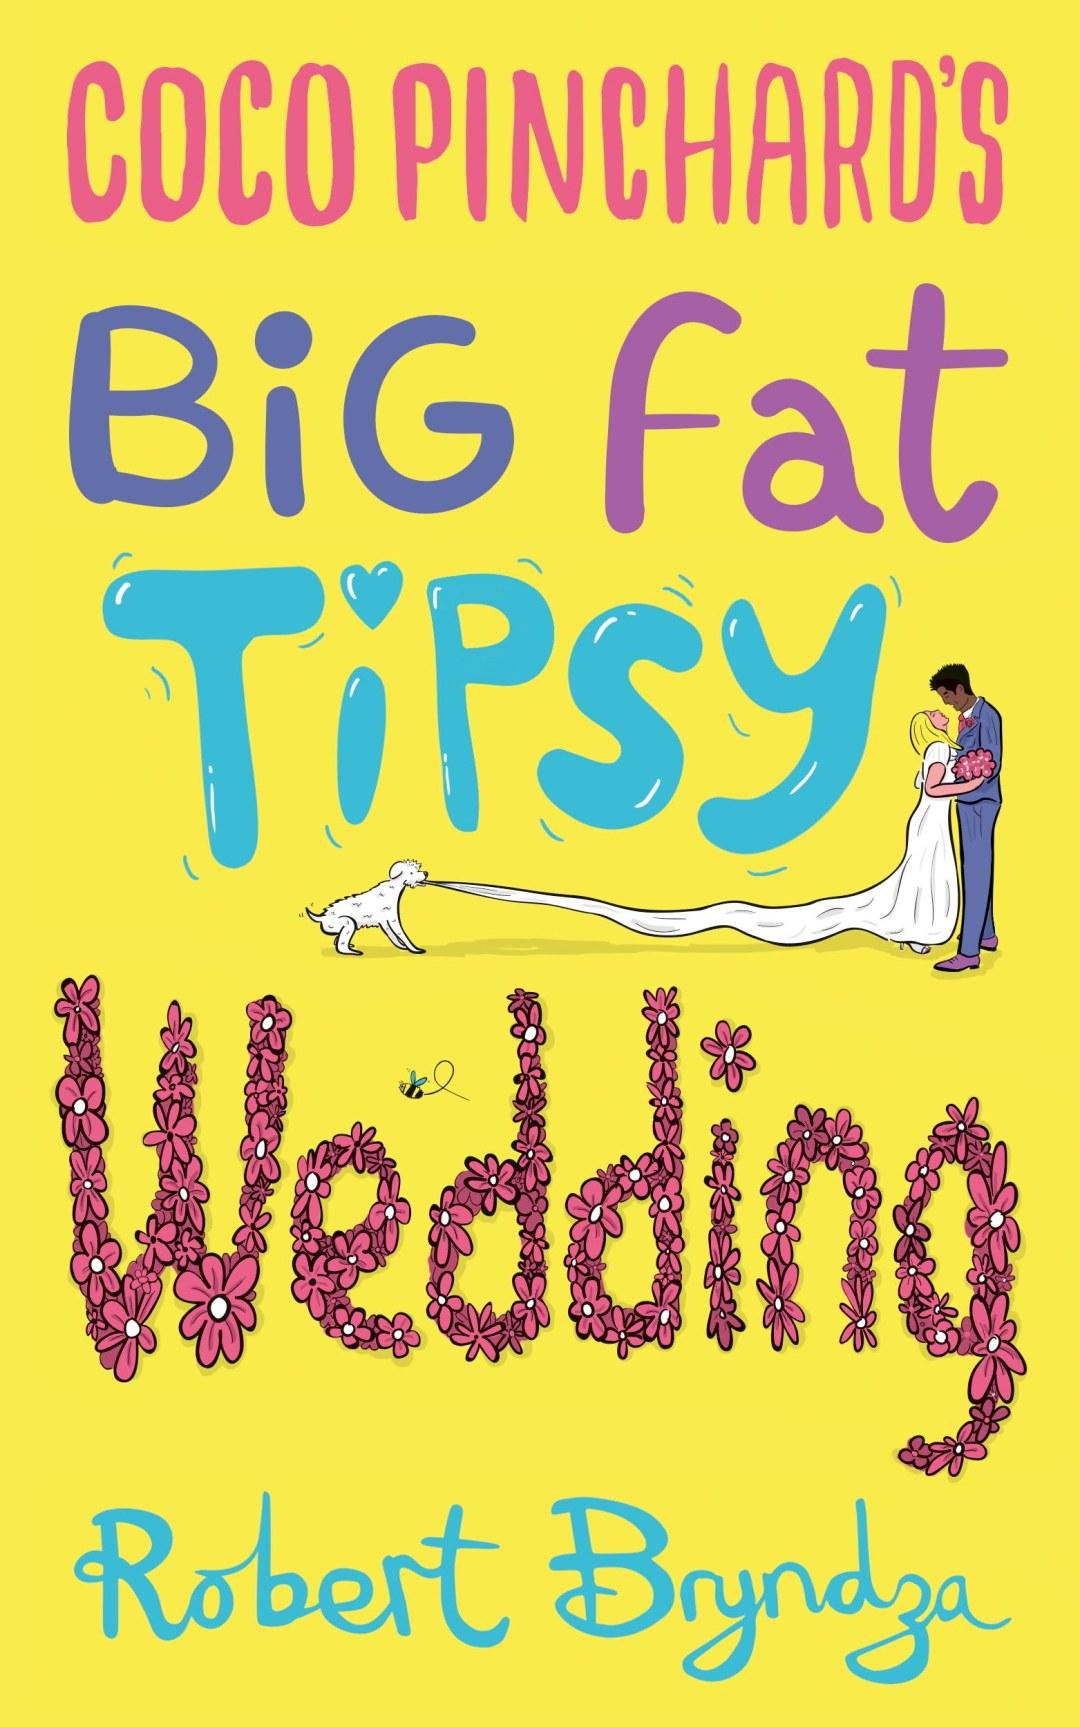 Coco Pinchard's Big Fat Tipsy Wedding (Coco Pinchard #2)